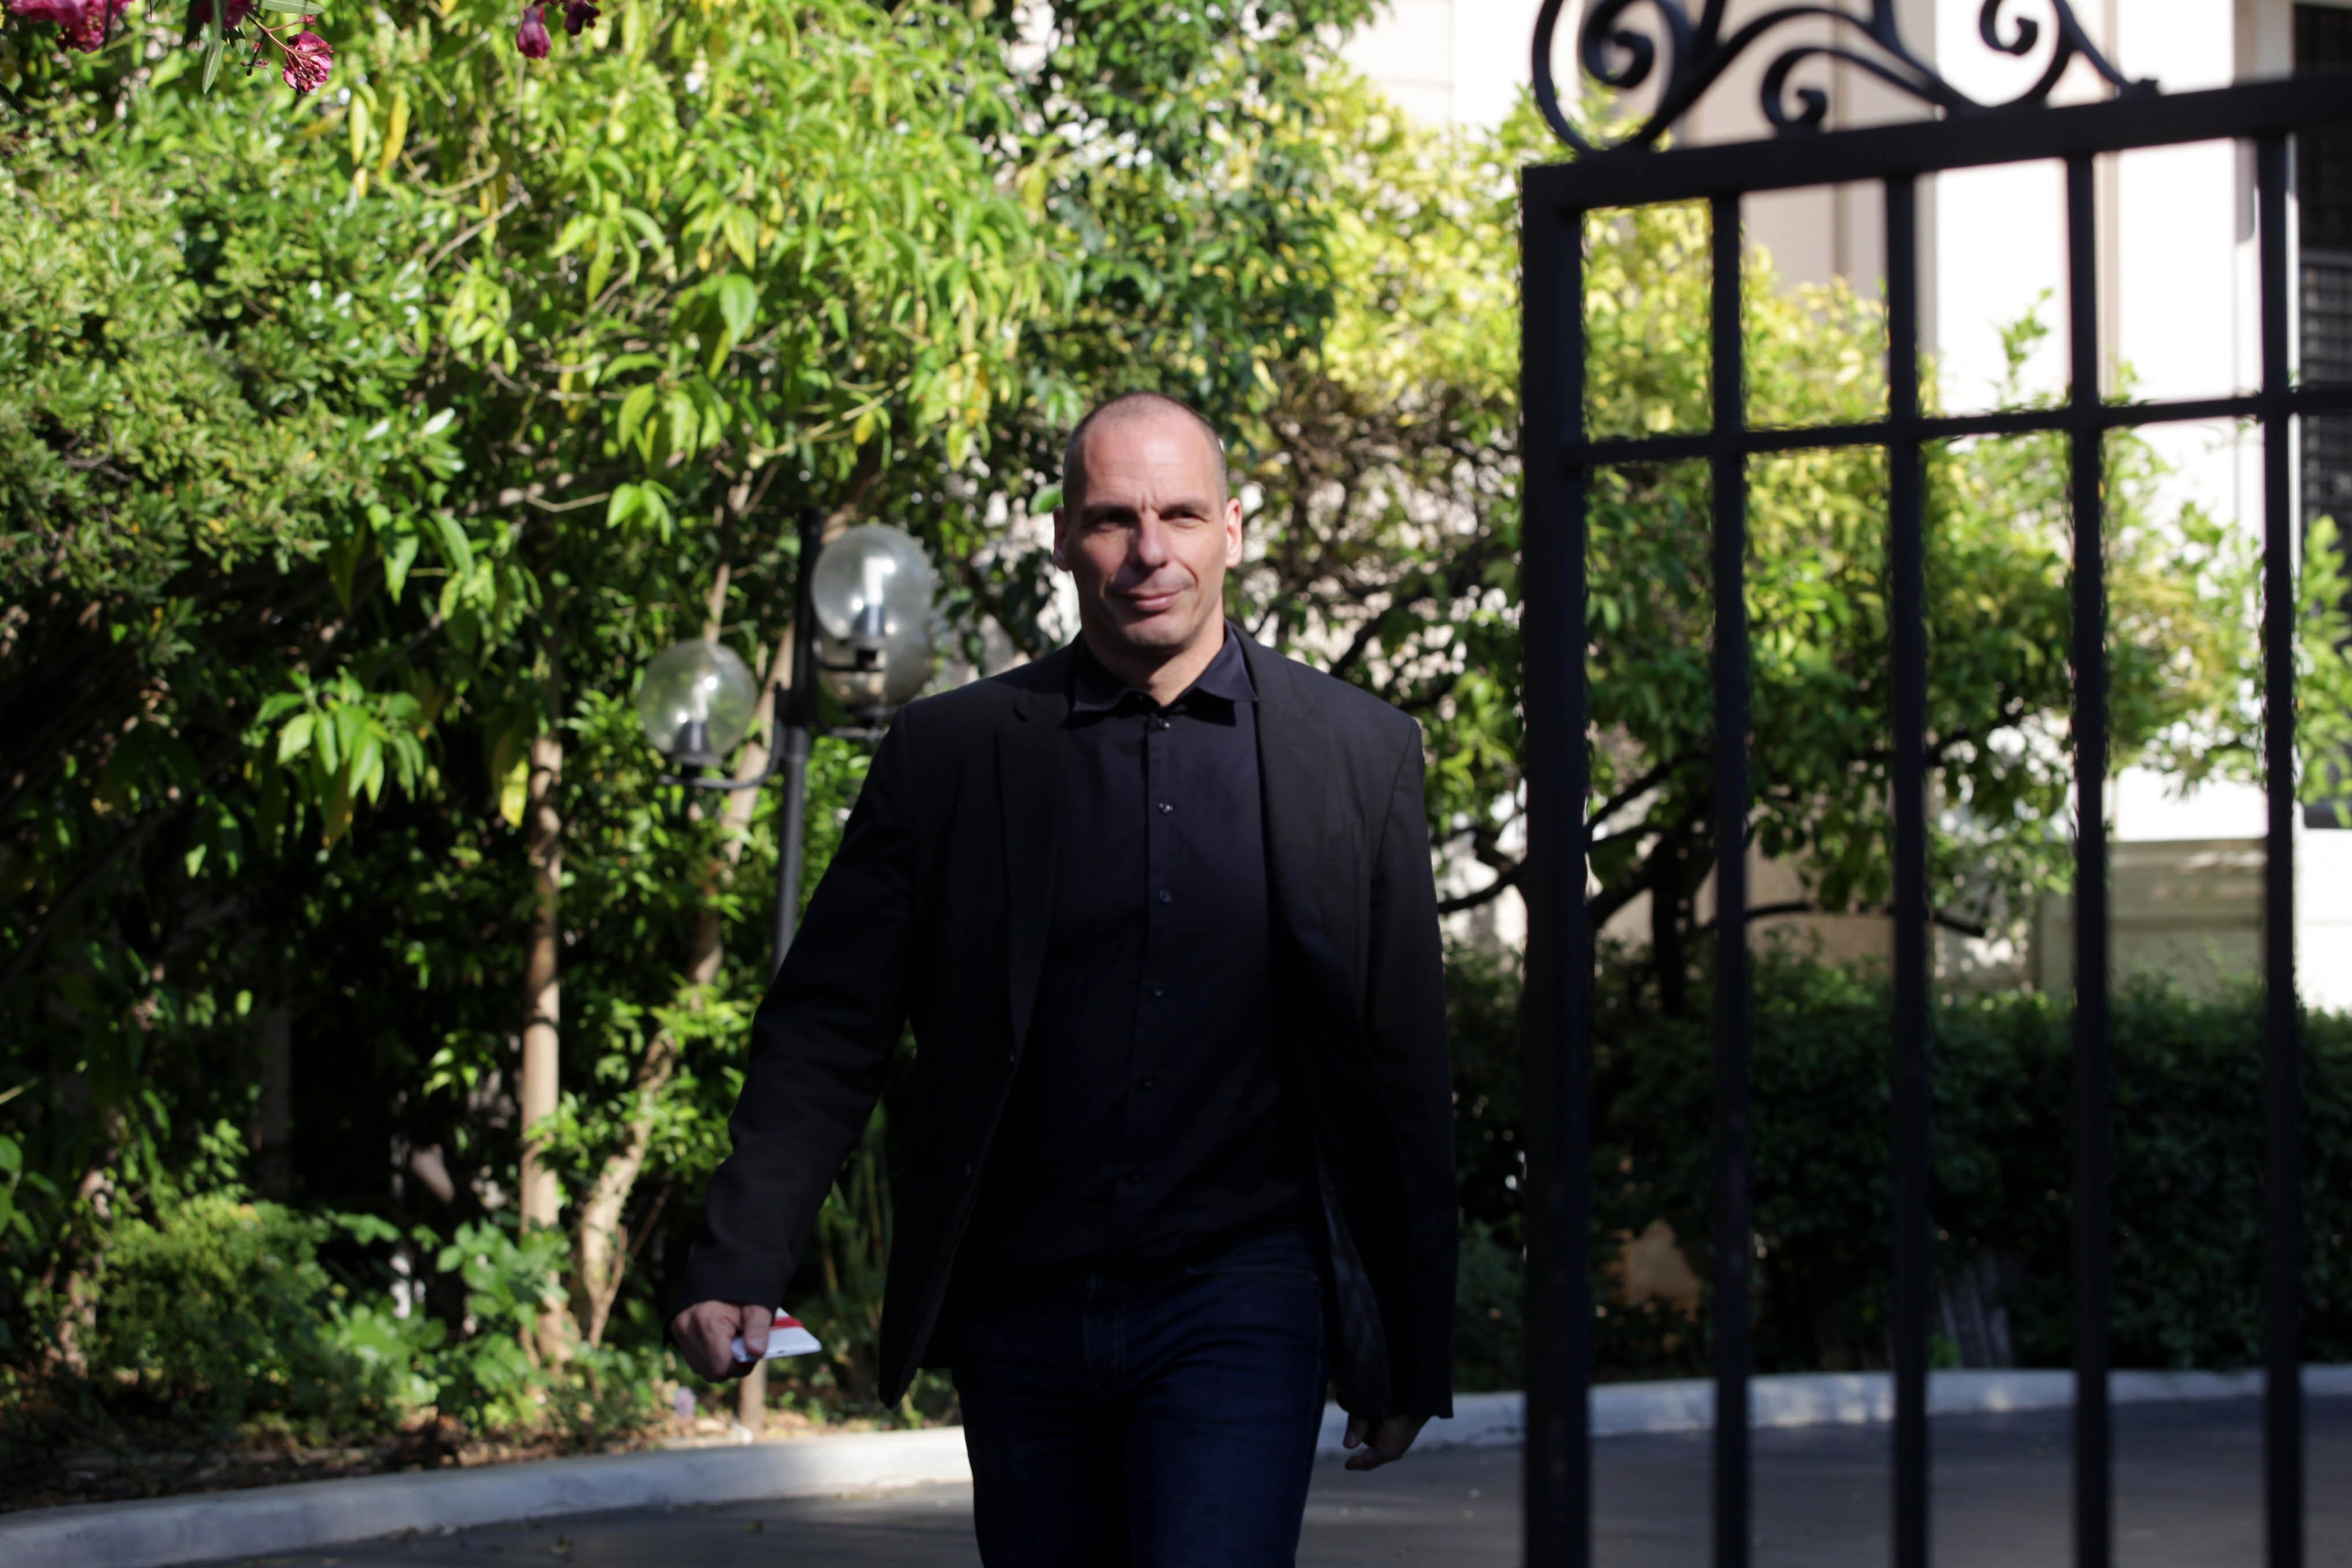 Βαρουφάκης: Η συμφωνία θα έκλεινε σε μία νύχτα με την Μέρκελ παρούσα   tovima.gr